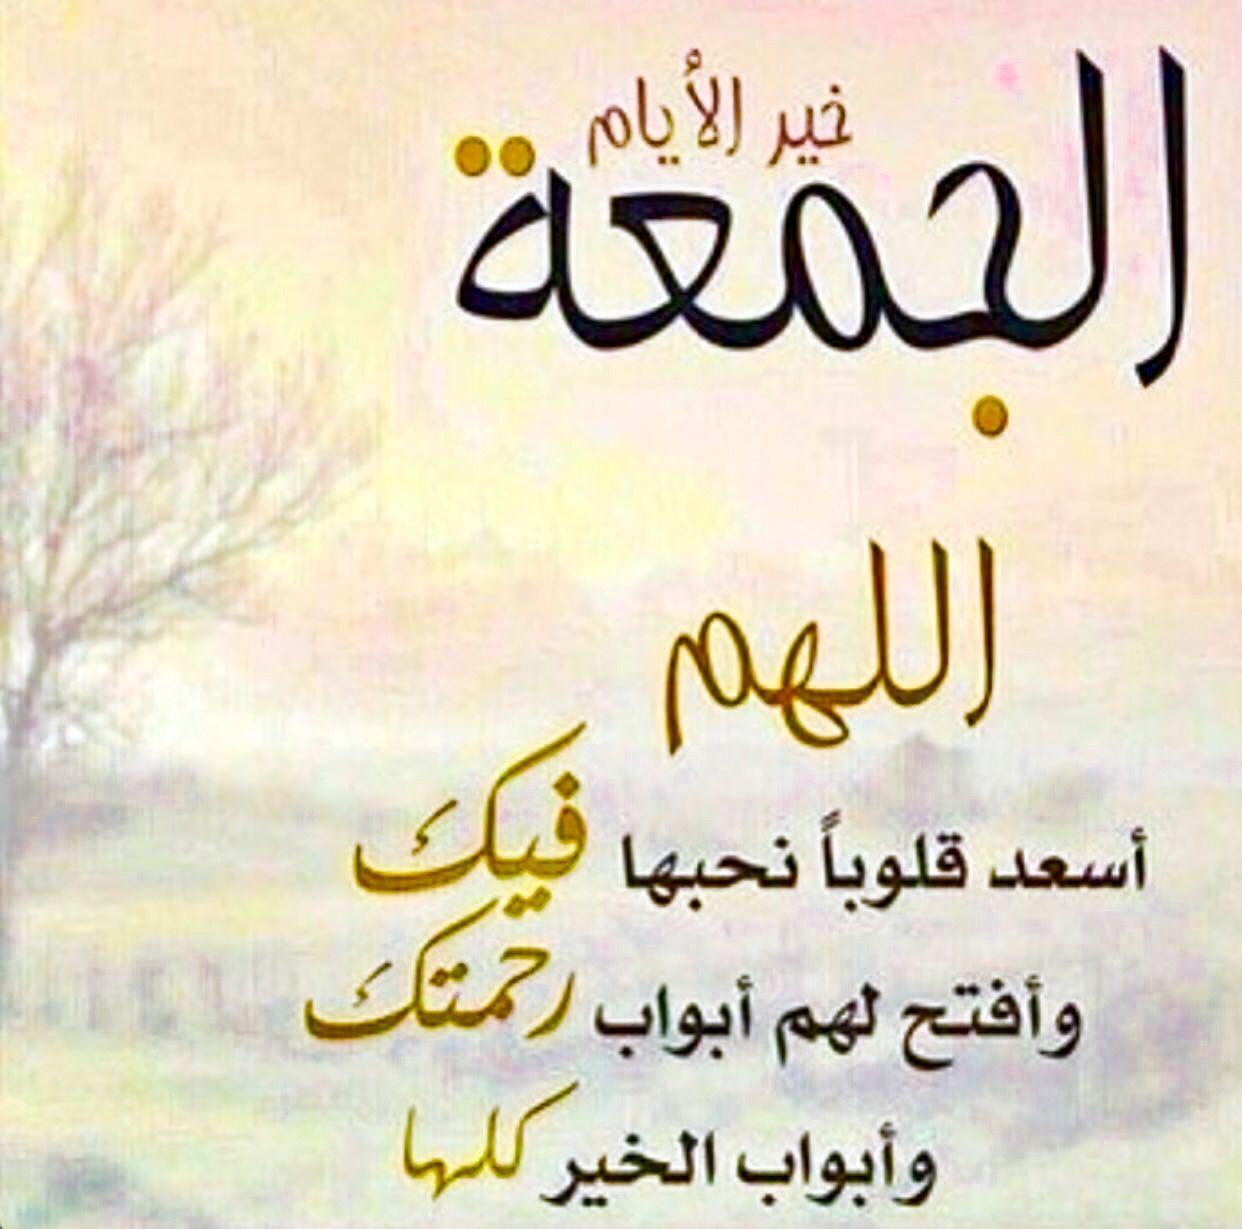 بالصور صباح الجمعه , صور ليوم الجمعه 5892 9